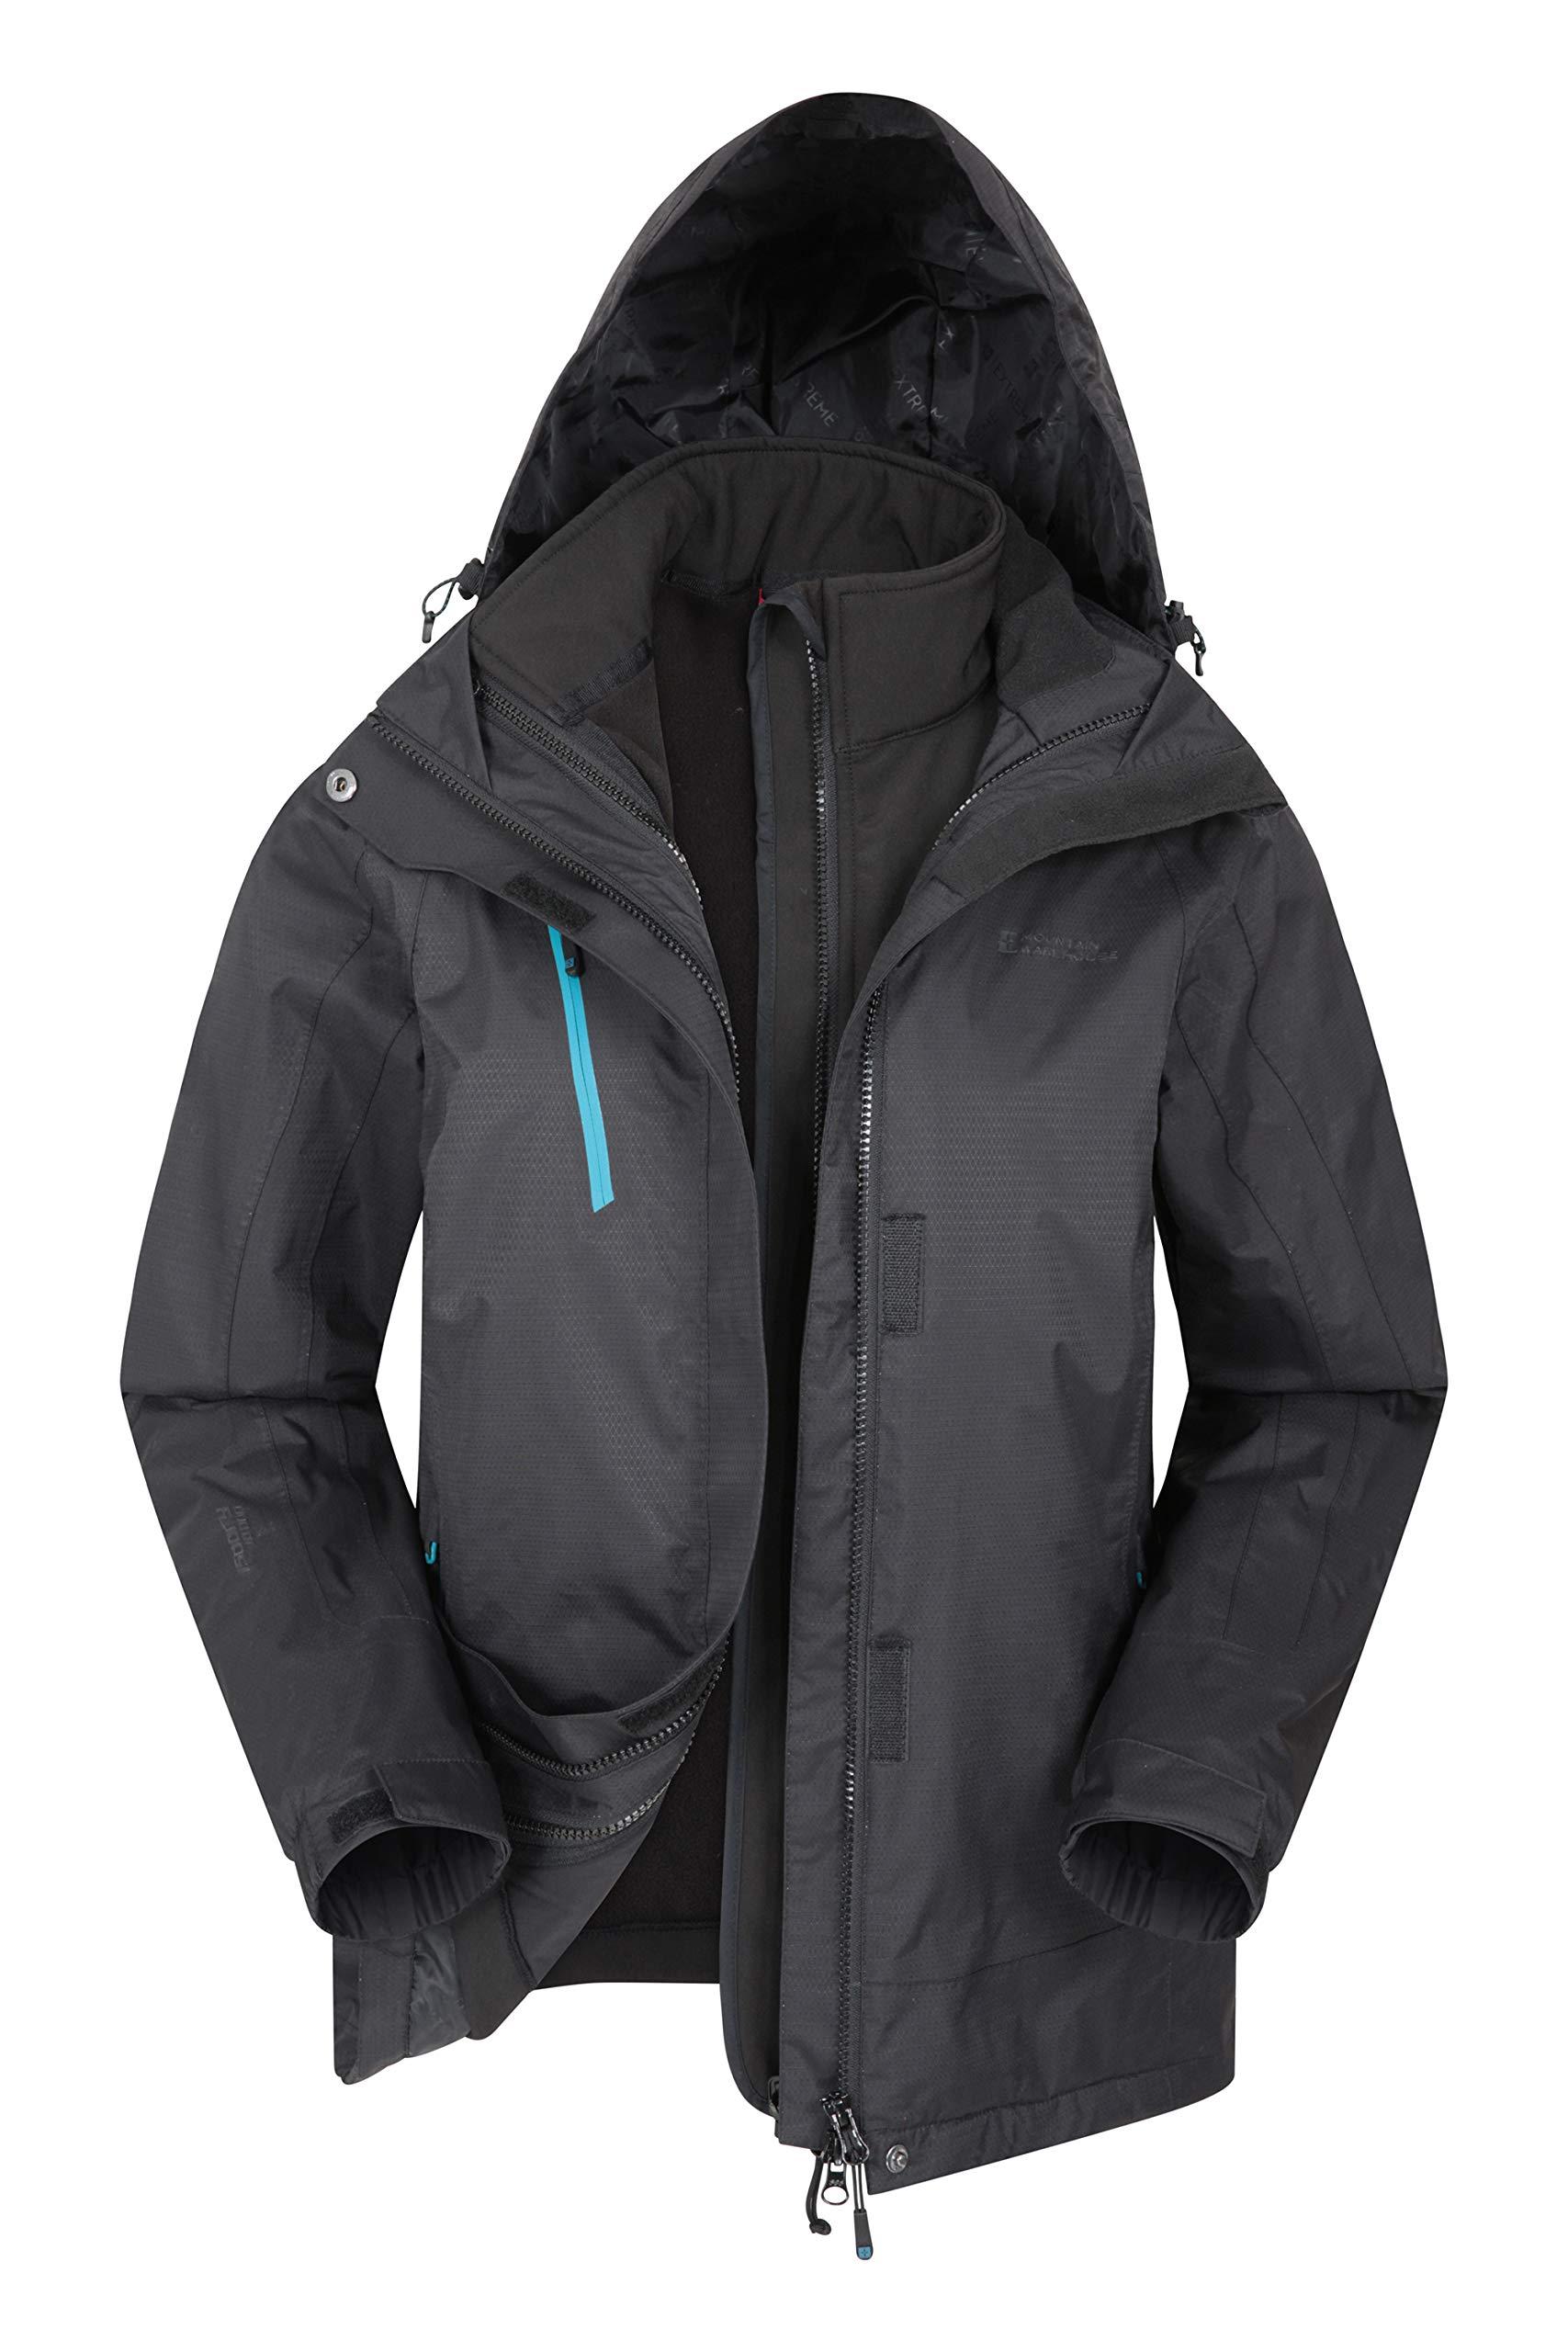 Mountain Warehouse Bracken Womens 3 in 1 Waterproof Rain Jacket